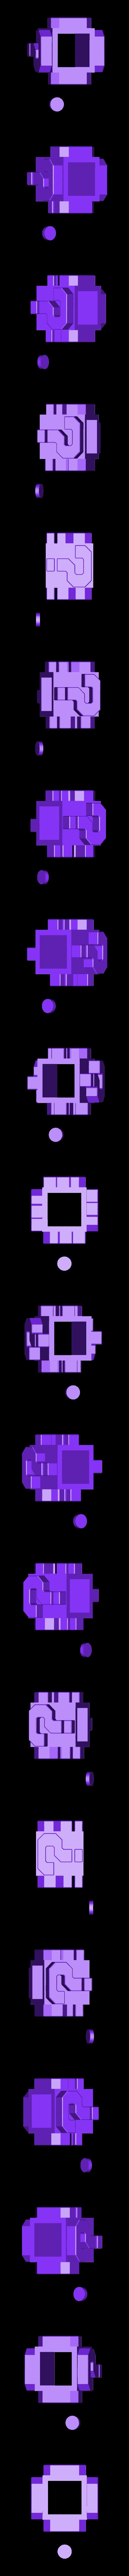 questionblock_dual_b.stl Télécharger fichier STL gratuit Cintre Super Mario Mystery Block (Simple & Double Extrusion) • Modèle pour imprimante 3D, Runstone